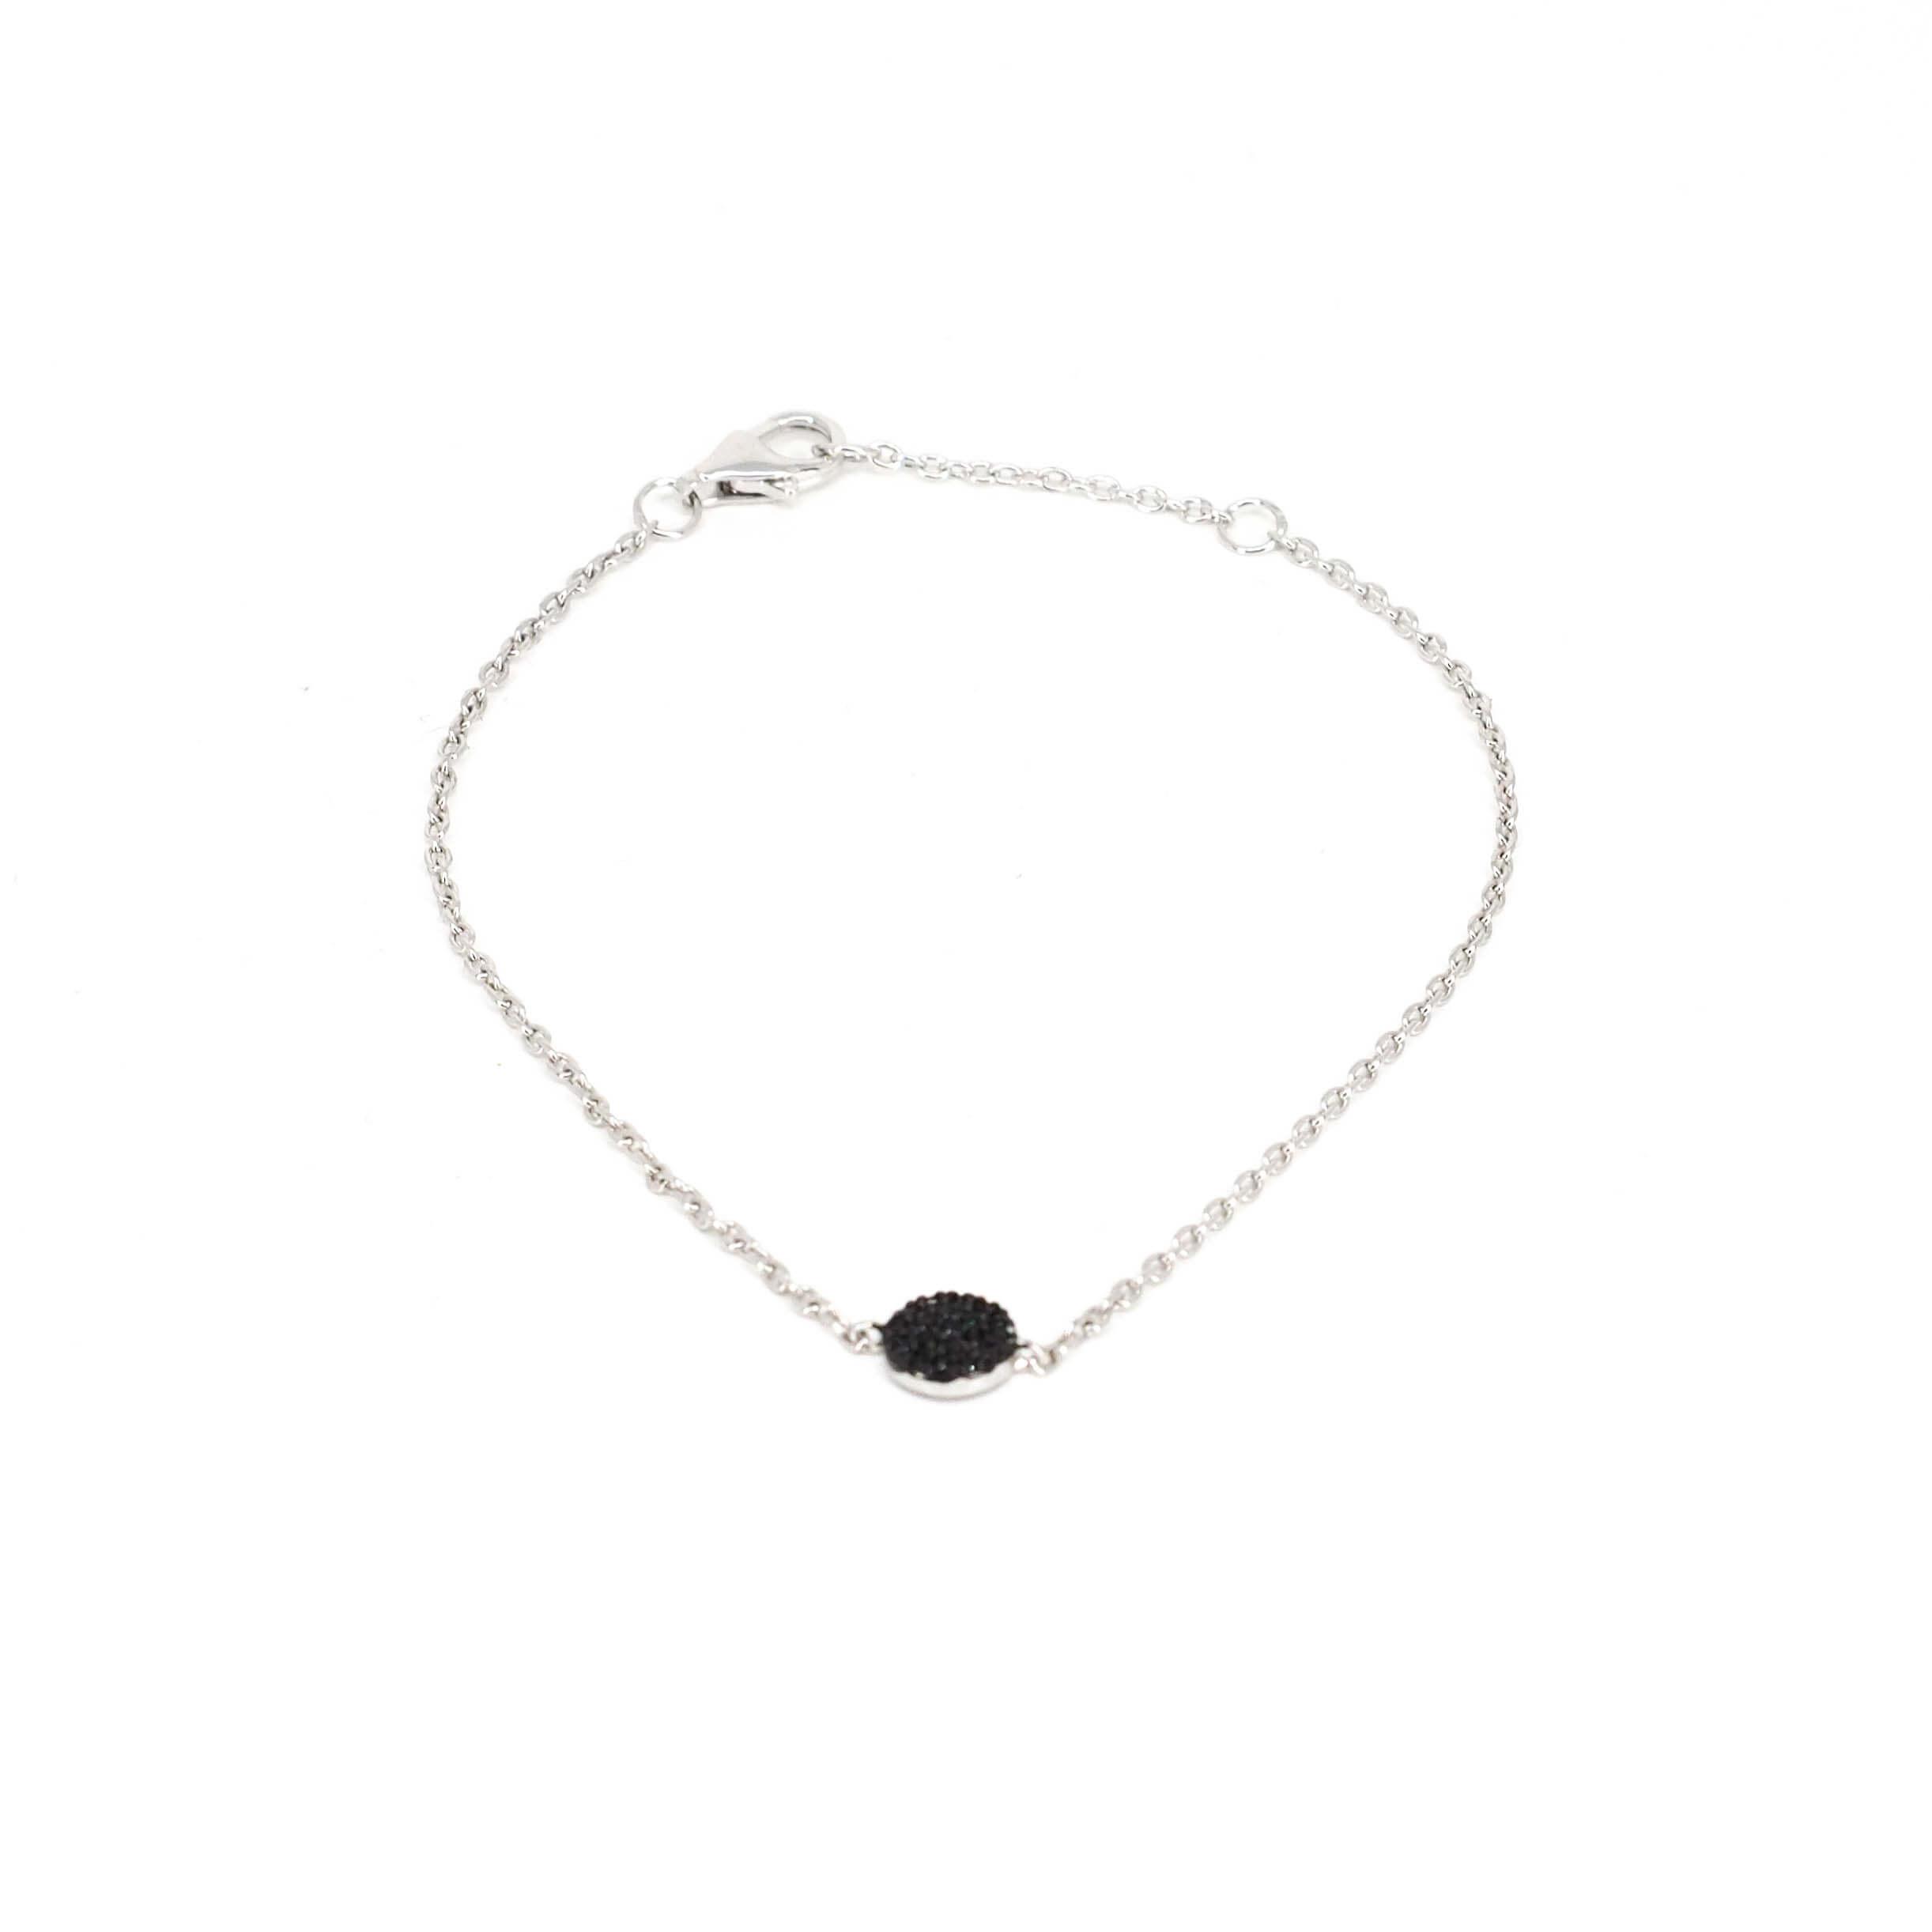 Bracelet shiny noir en argent - Pomme Cannelle